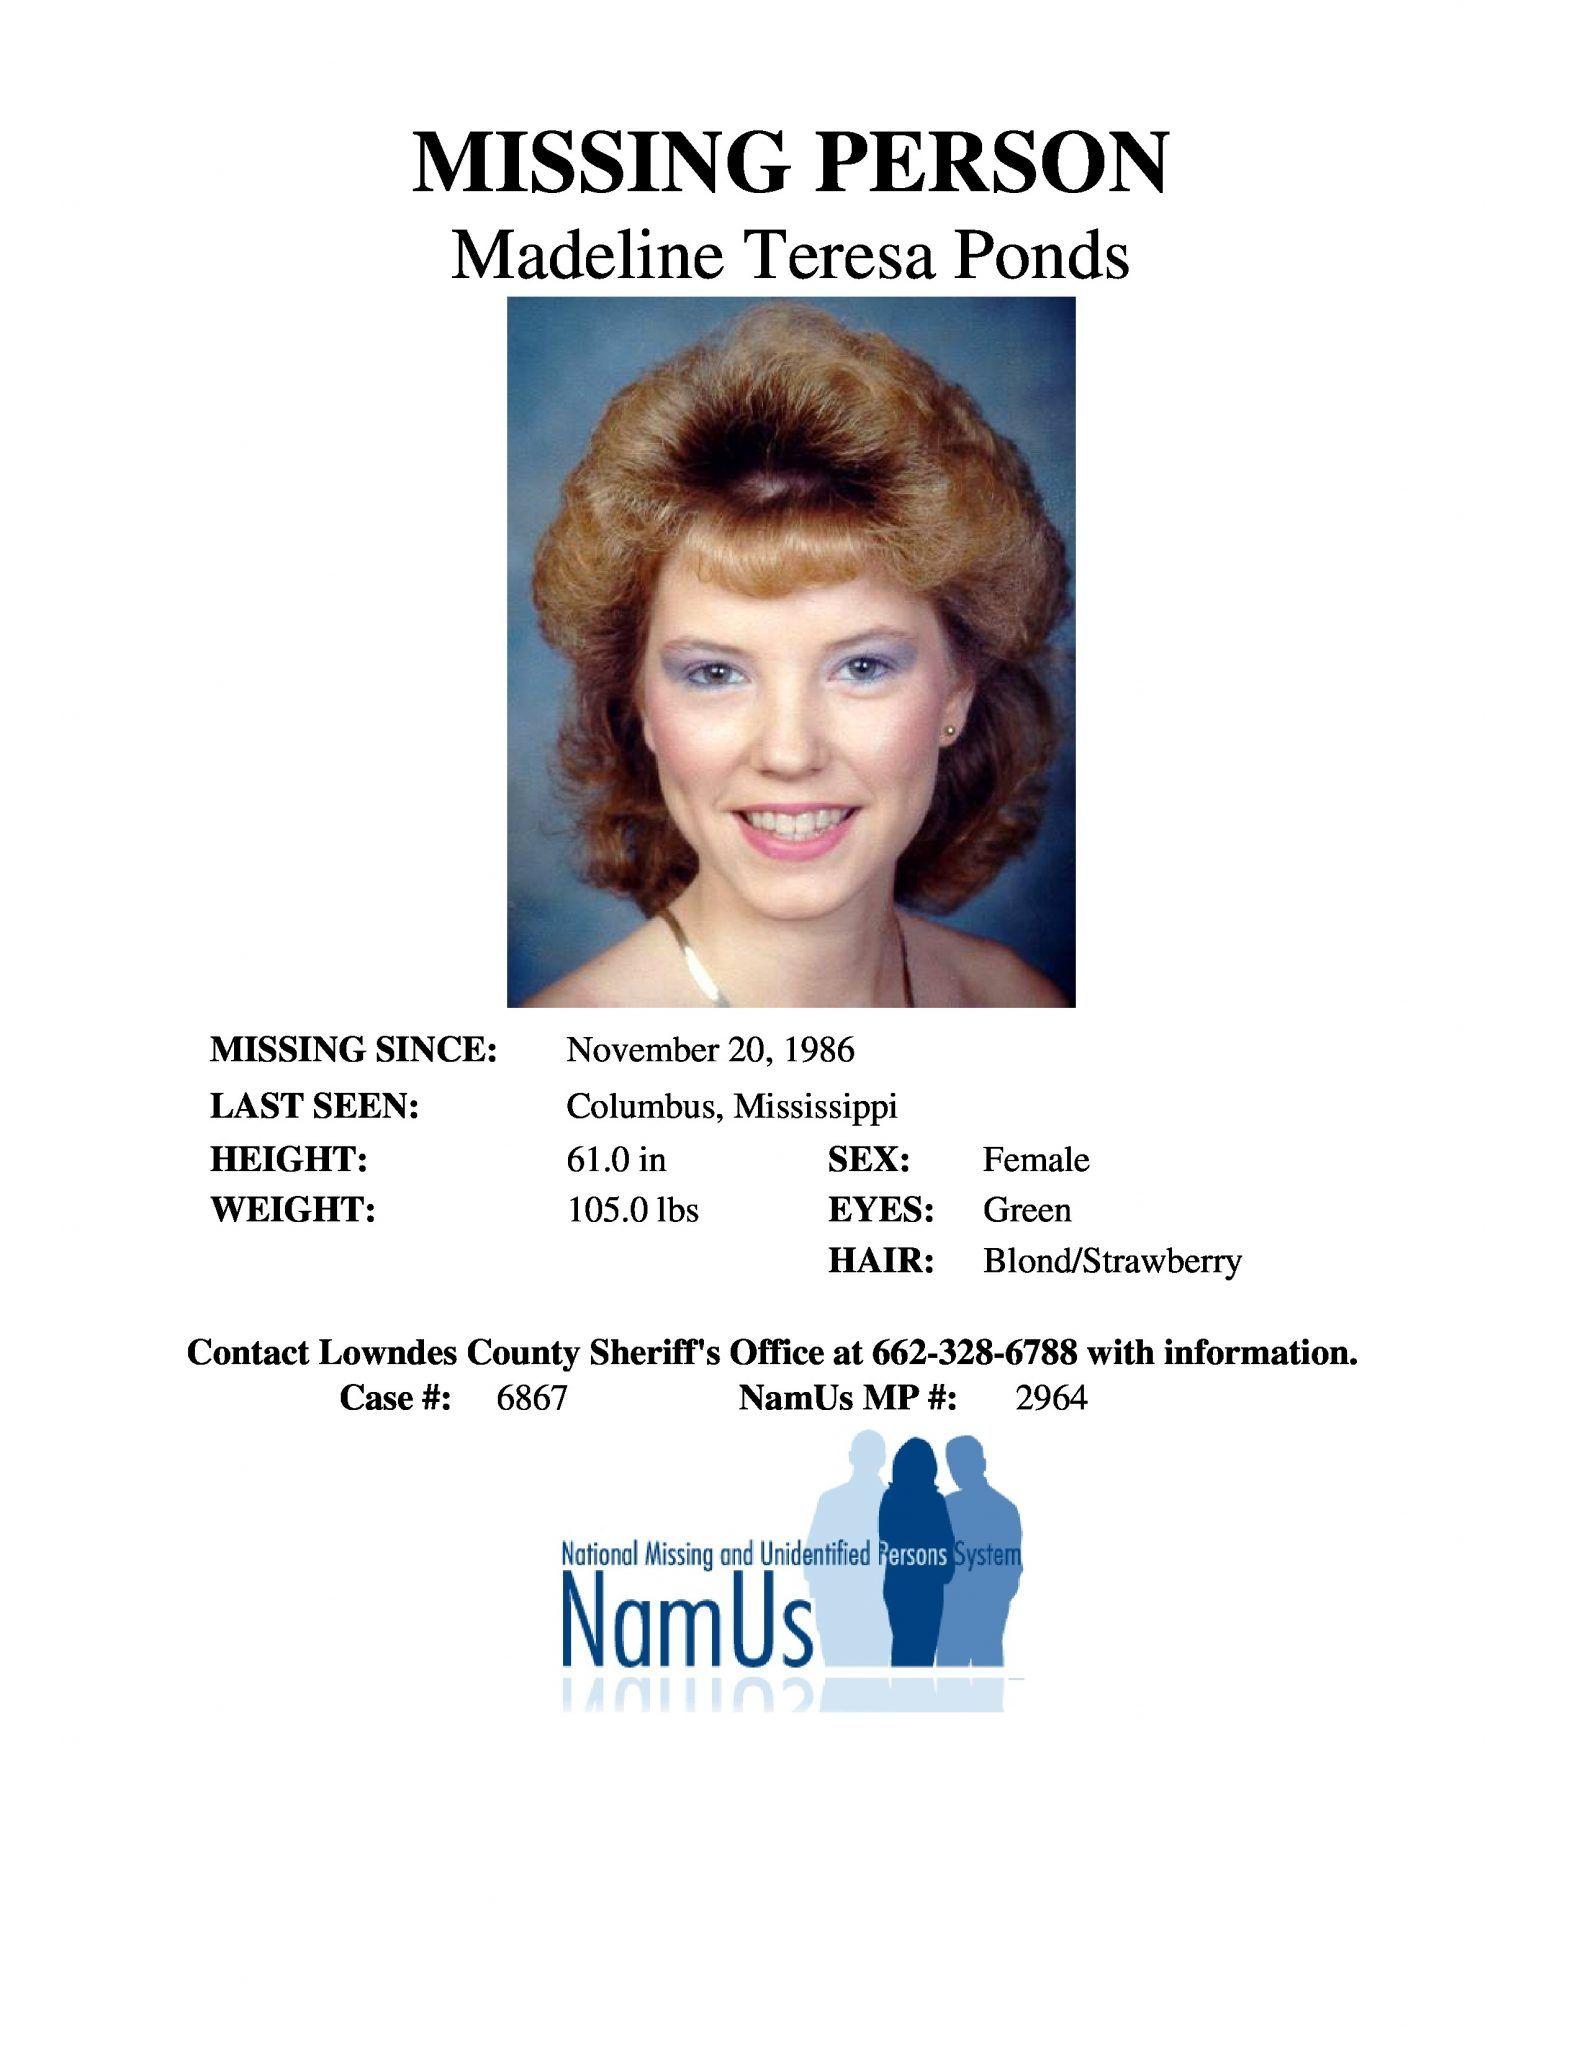 Find Missing Madeline Teresa Ponds! Cold case, Missing